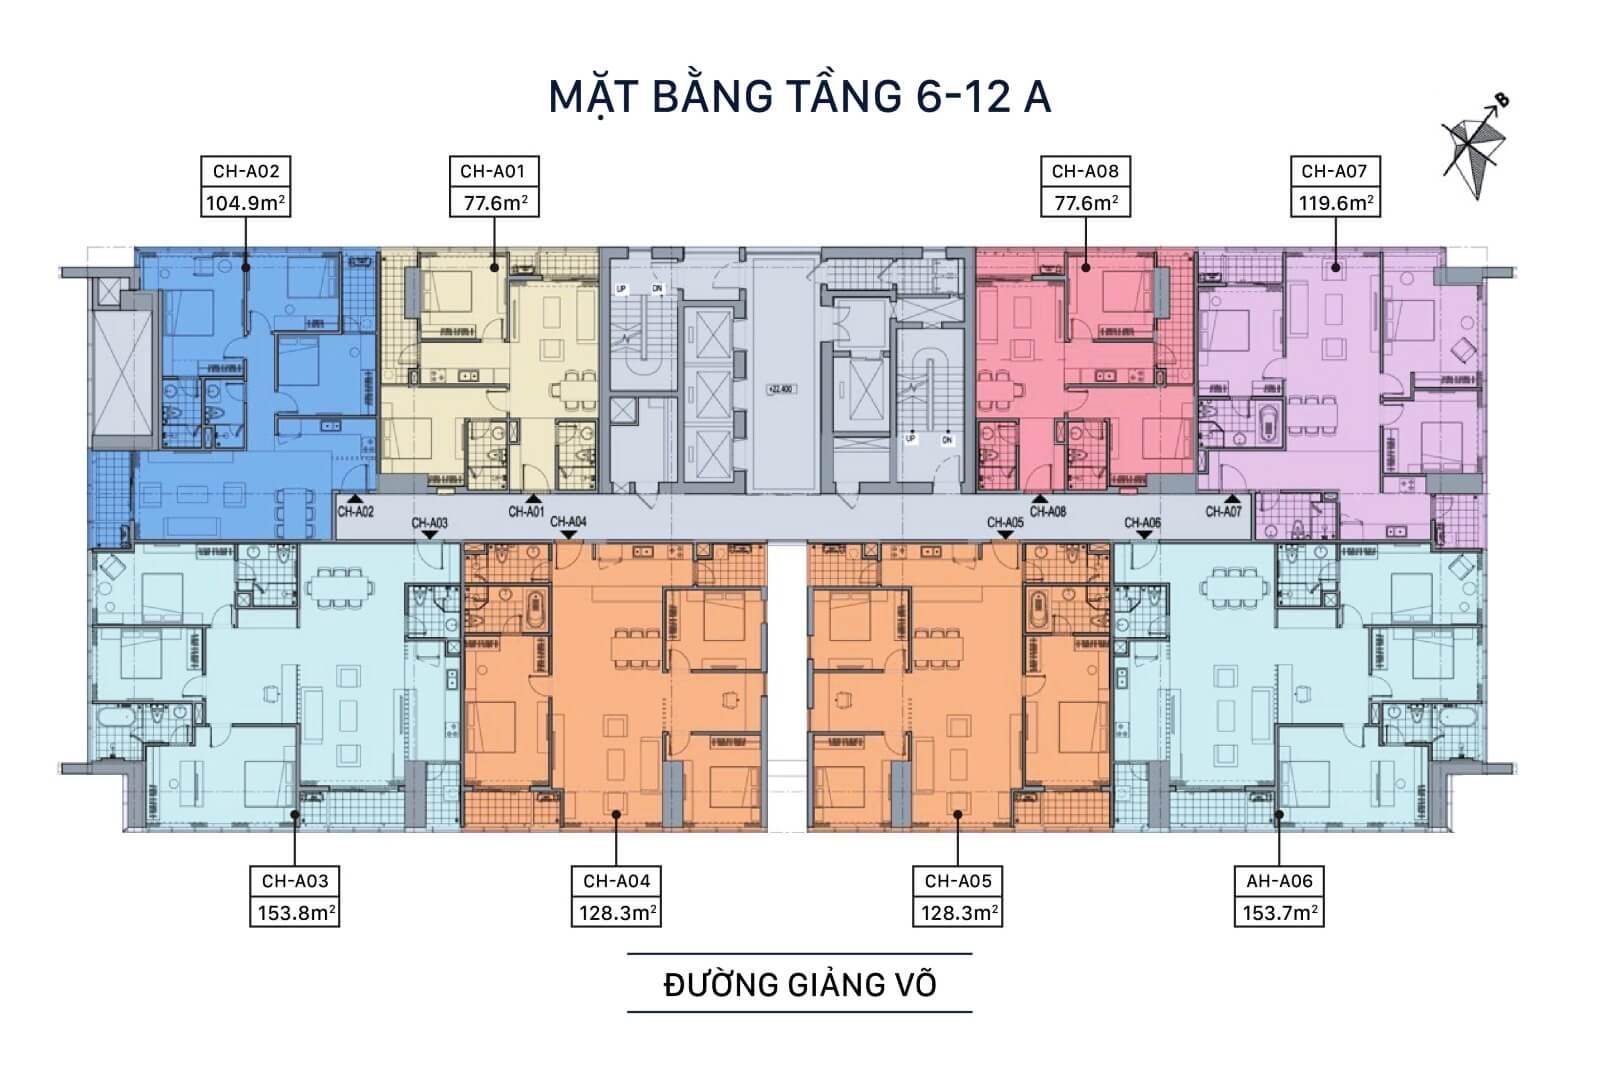 Mặt bằng tầng 6 - 12a chung cư Grandeur Palace